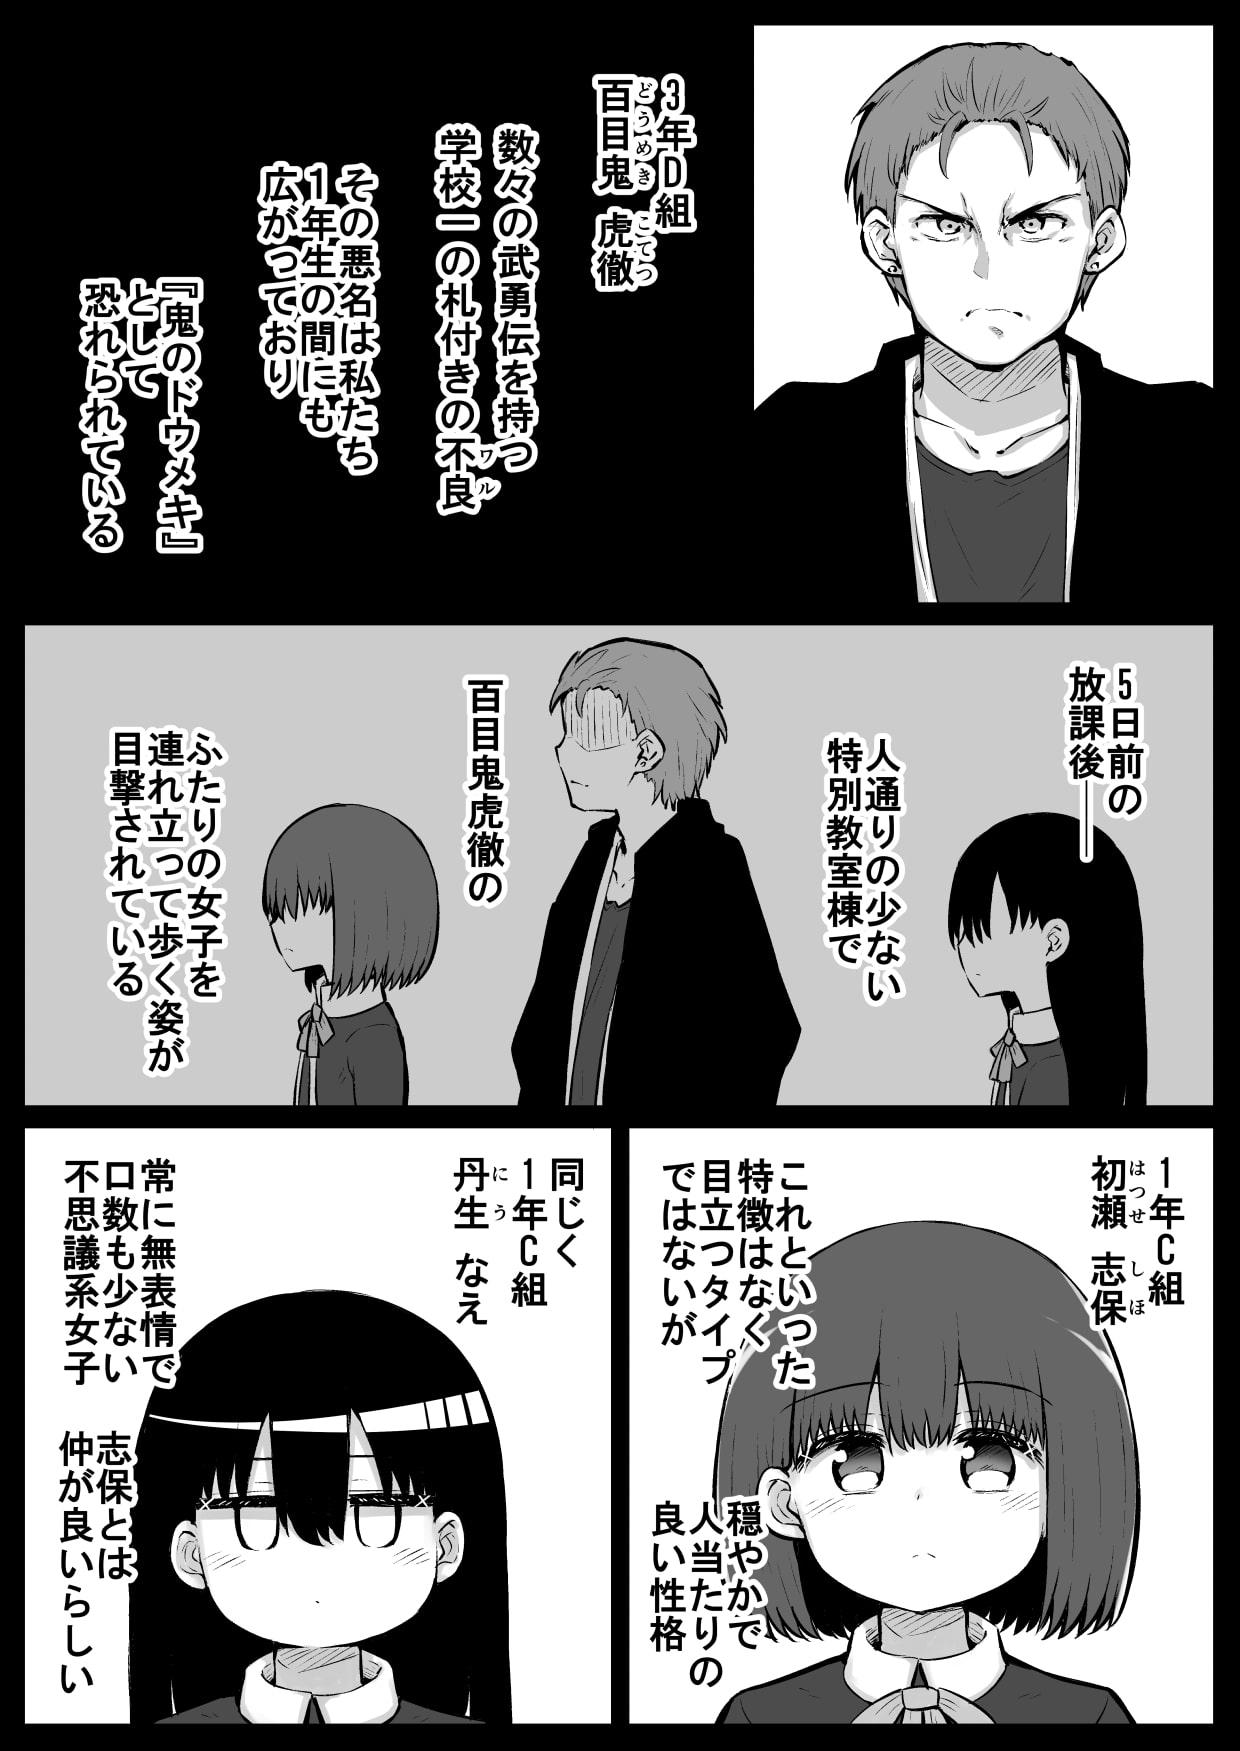 絶頂探偵アクメトラーEIKO:前編